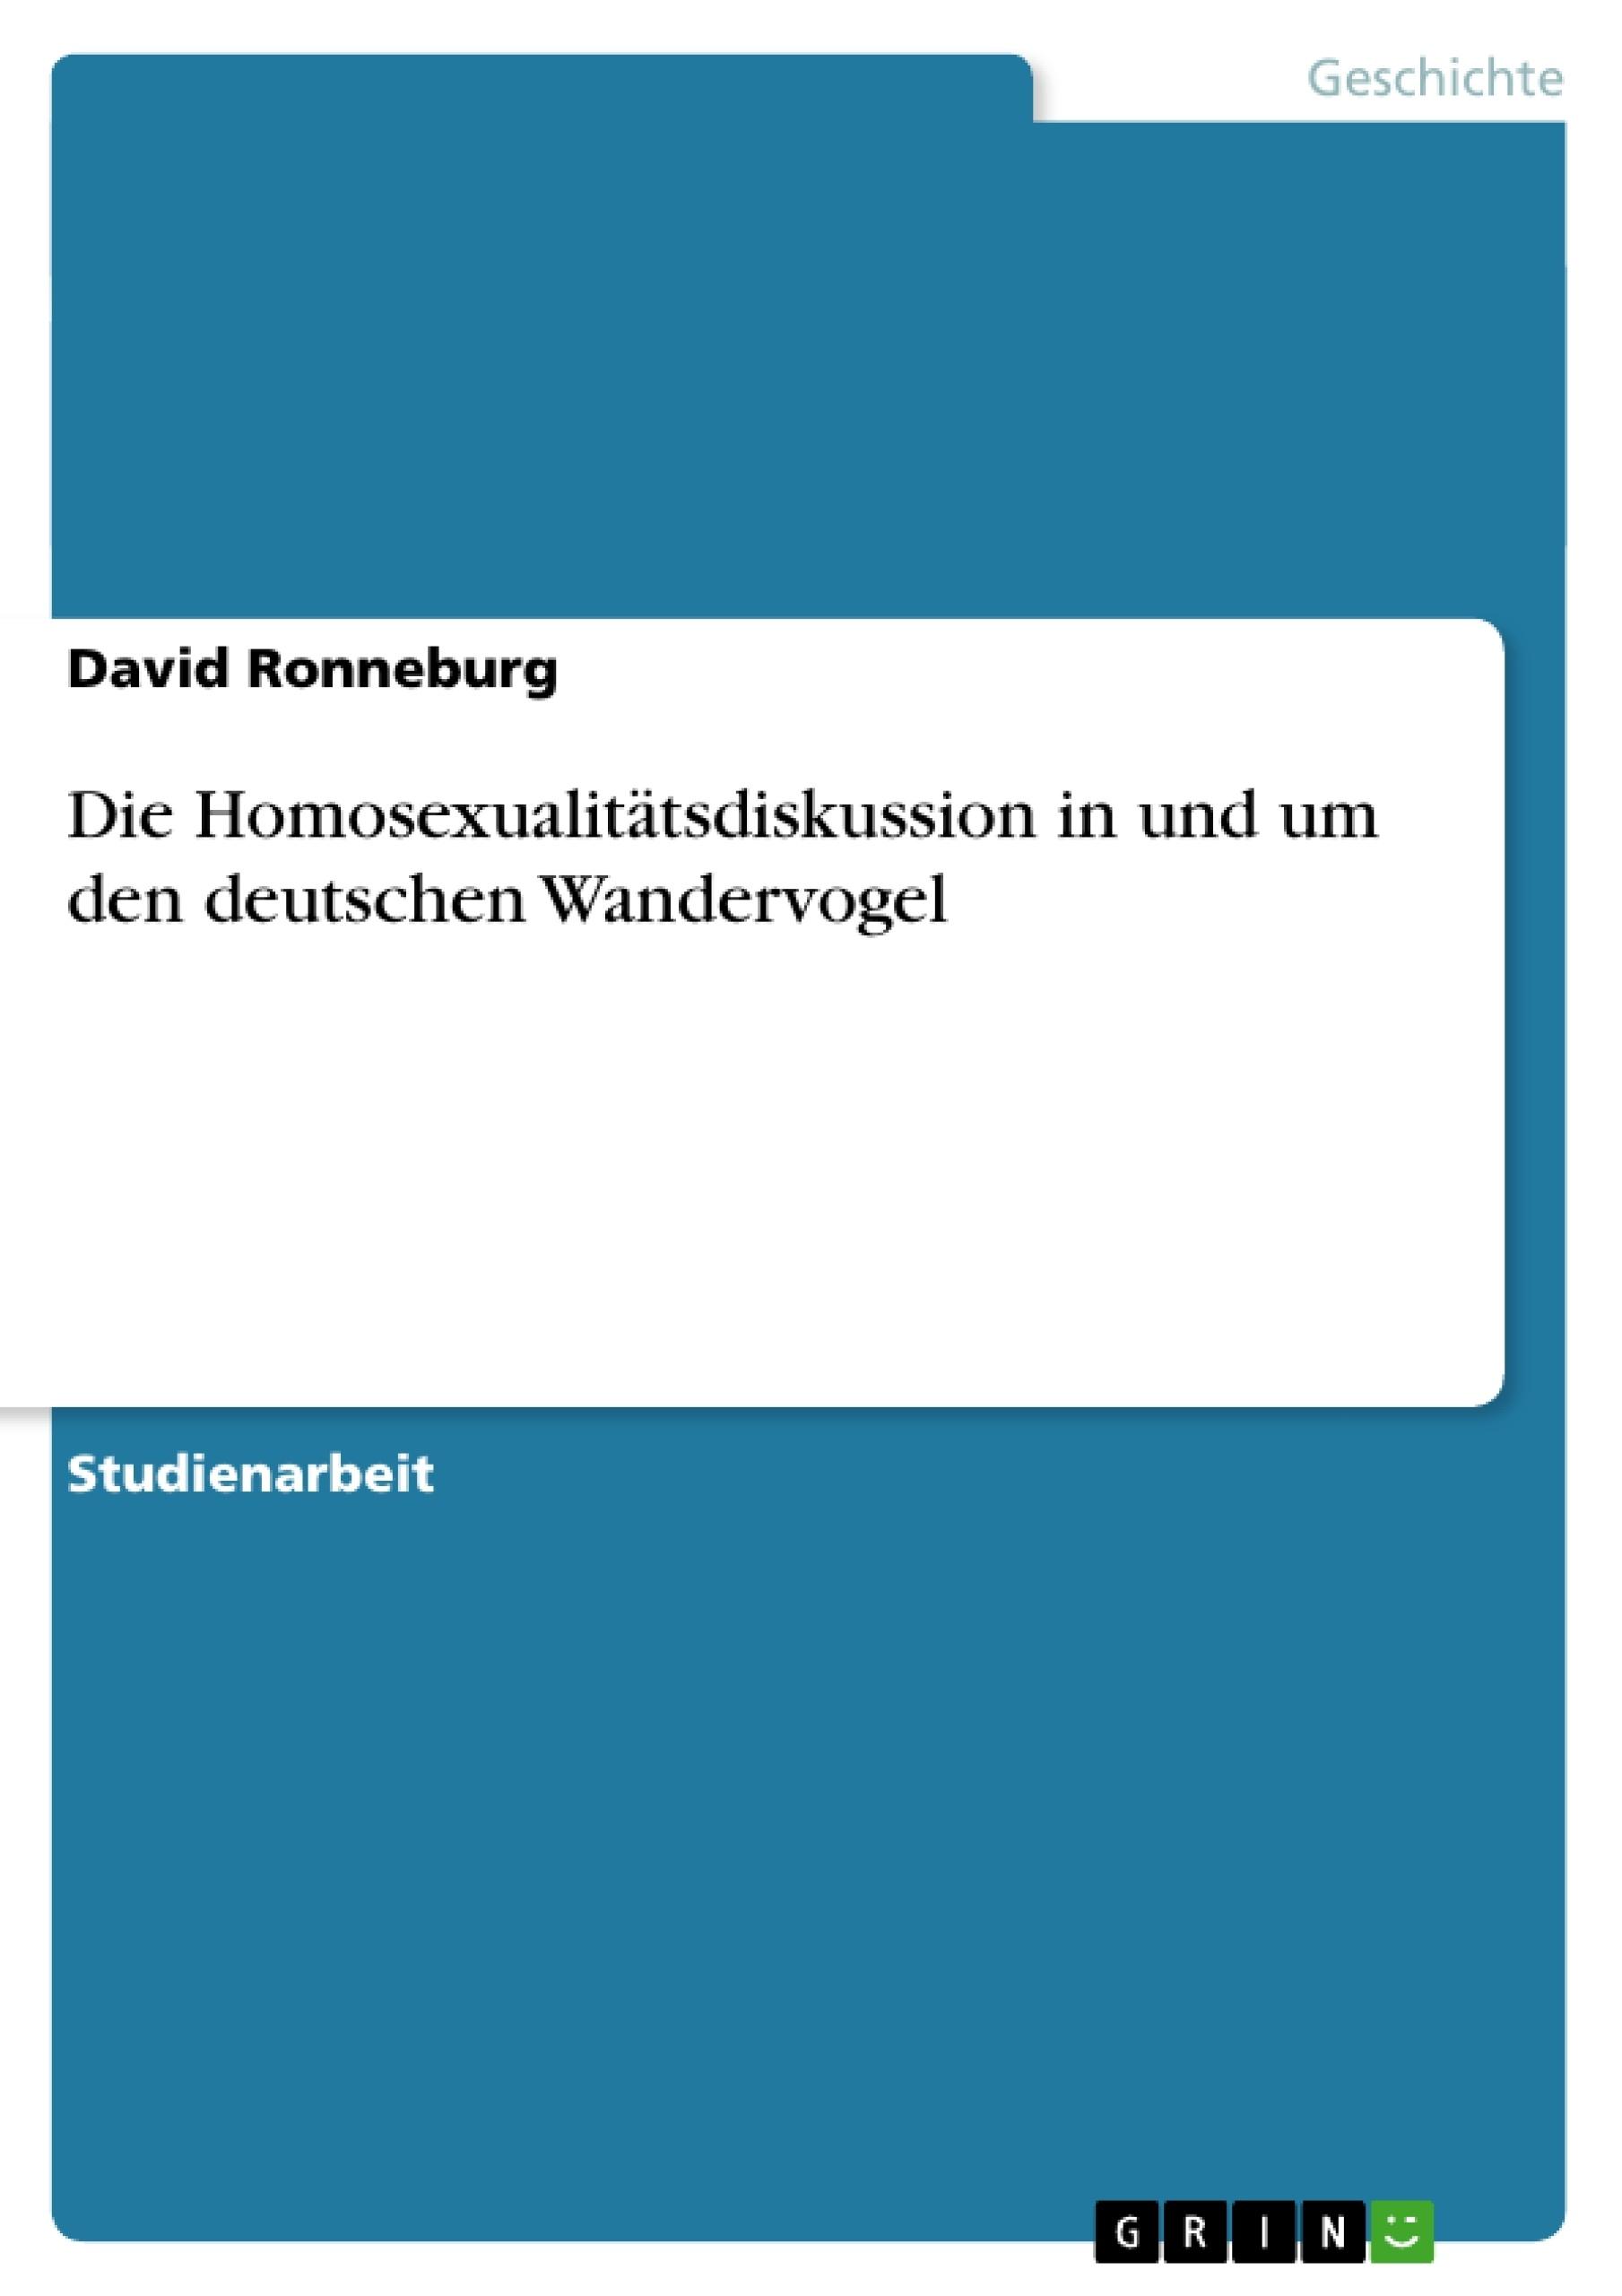 Titel: Die Homosexualitätsdiskussion in und um den deutschen Wandervogel